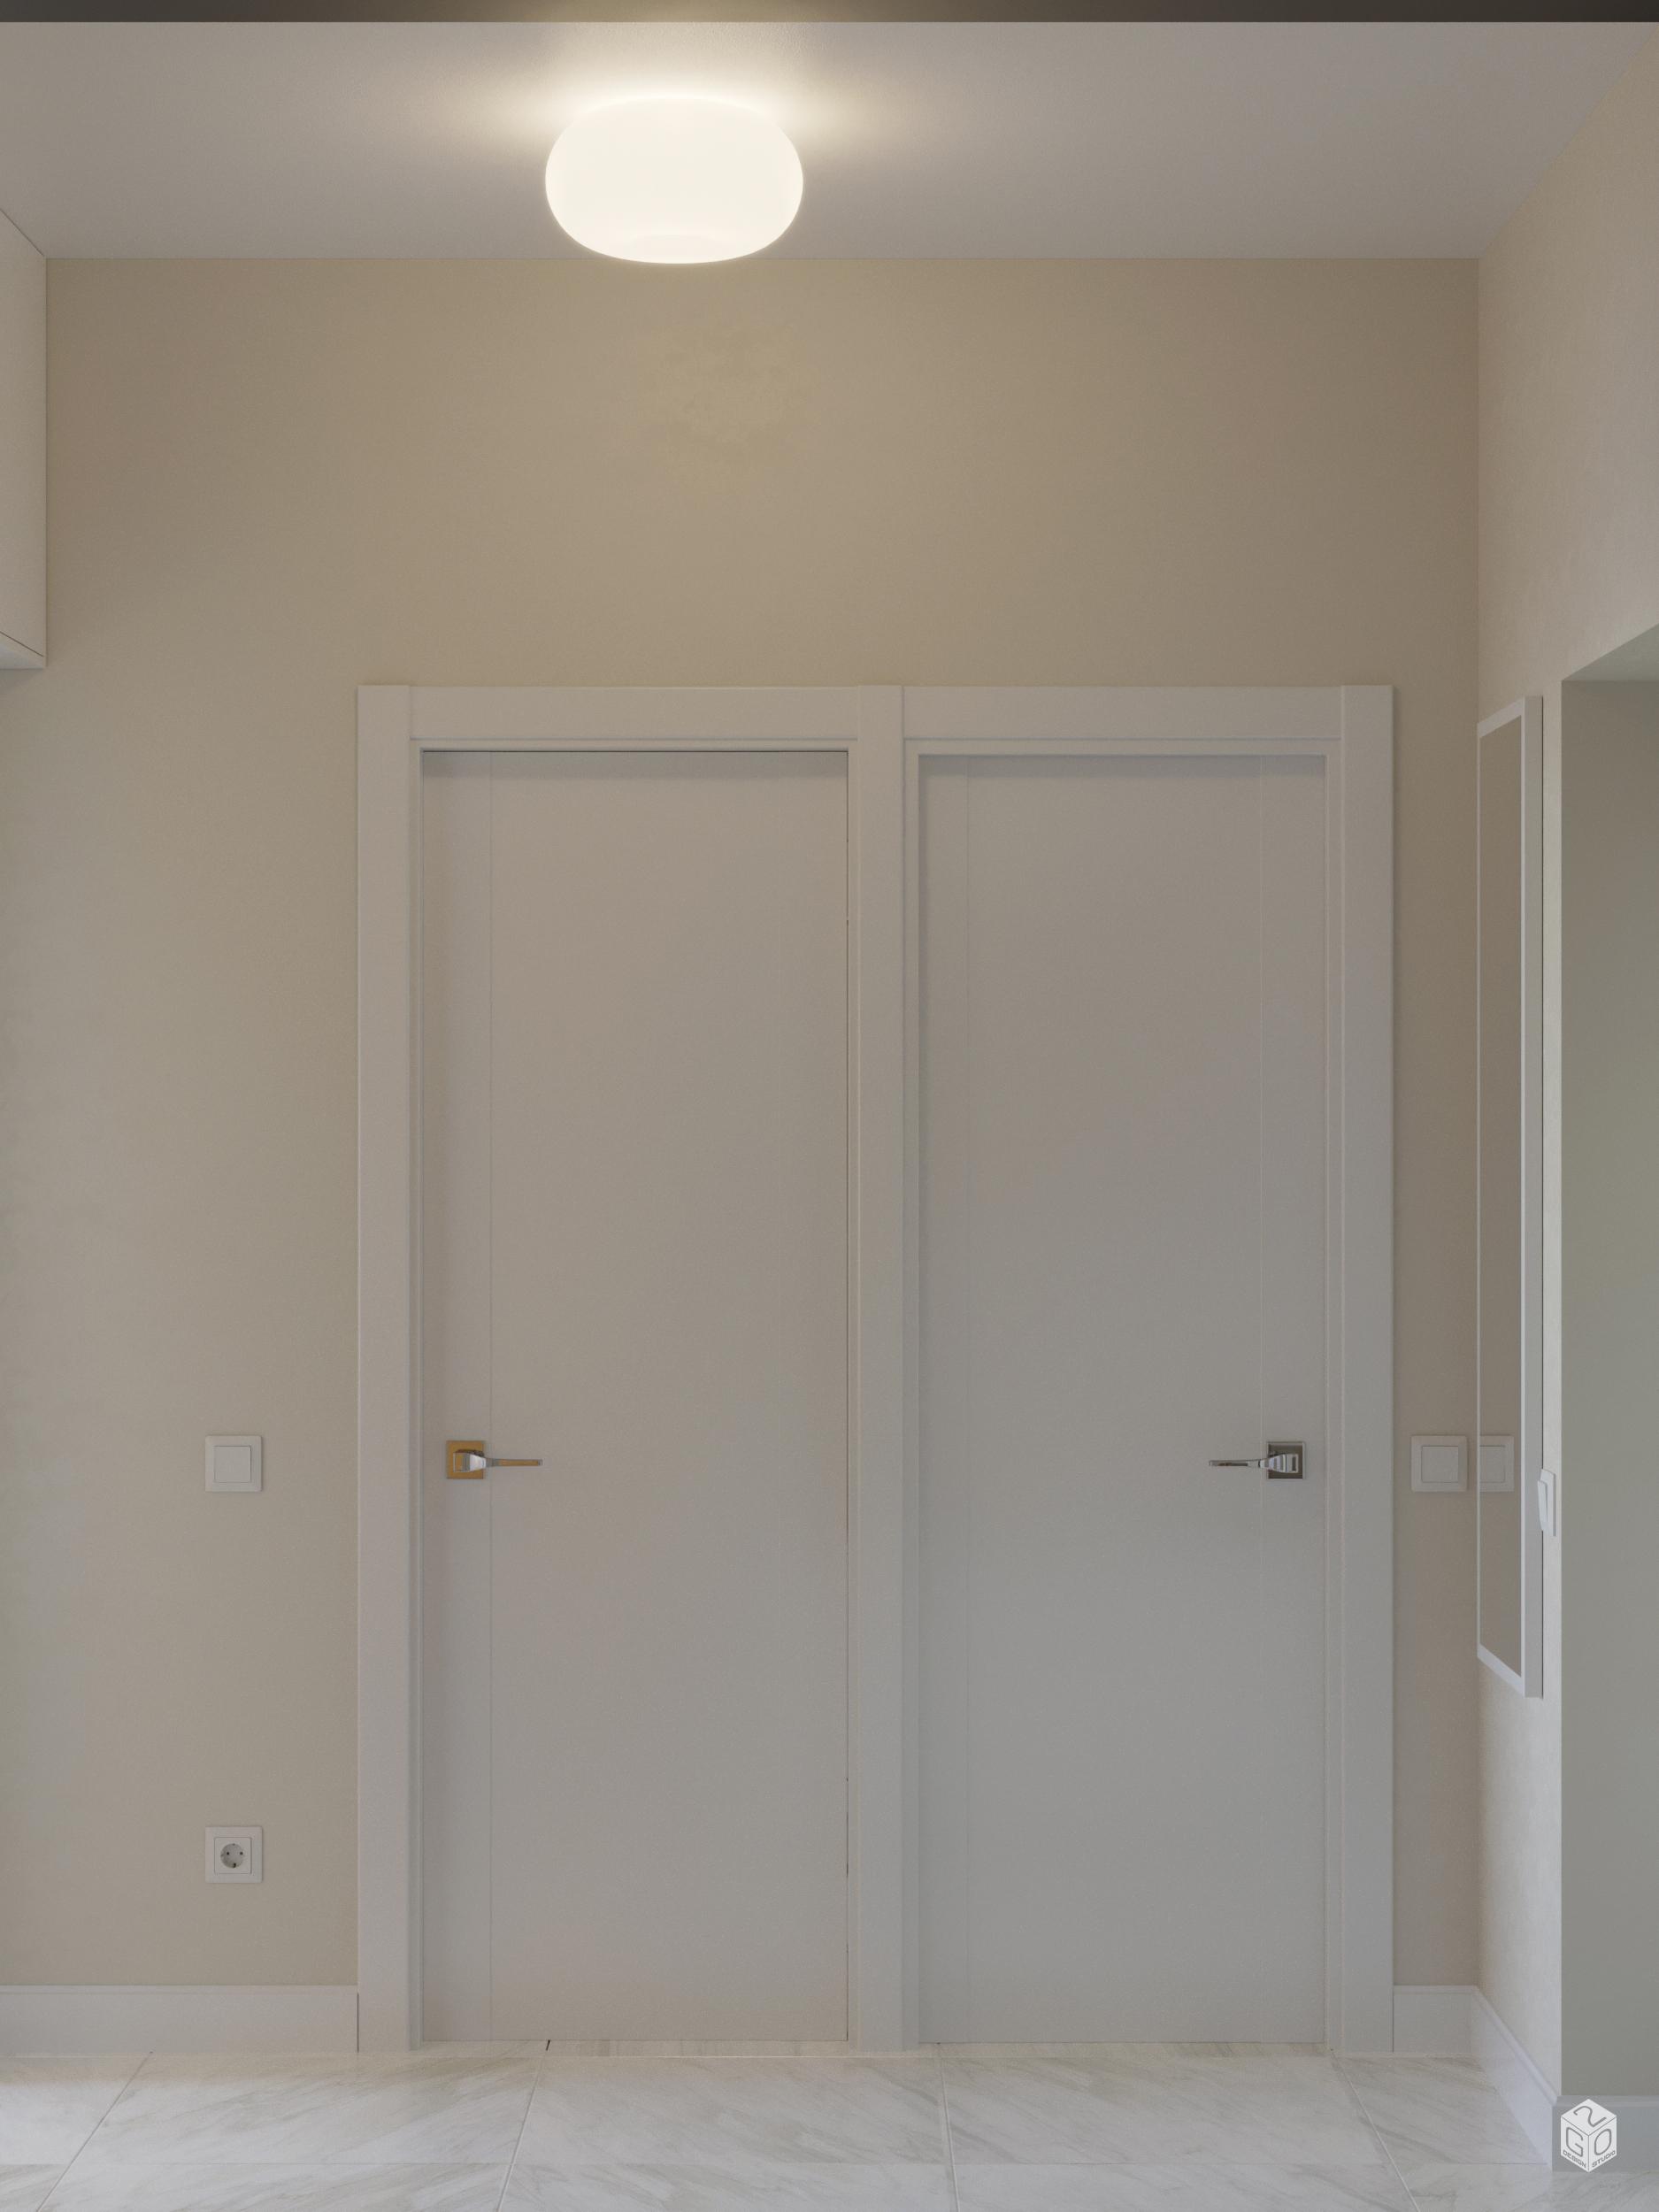 Визуализация дизайн проекта квартиры